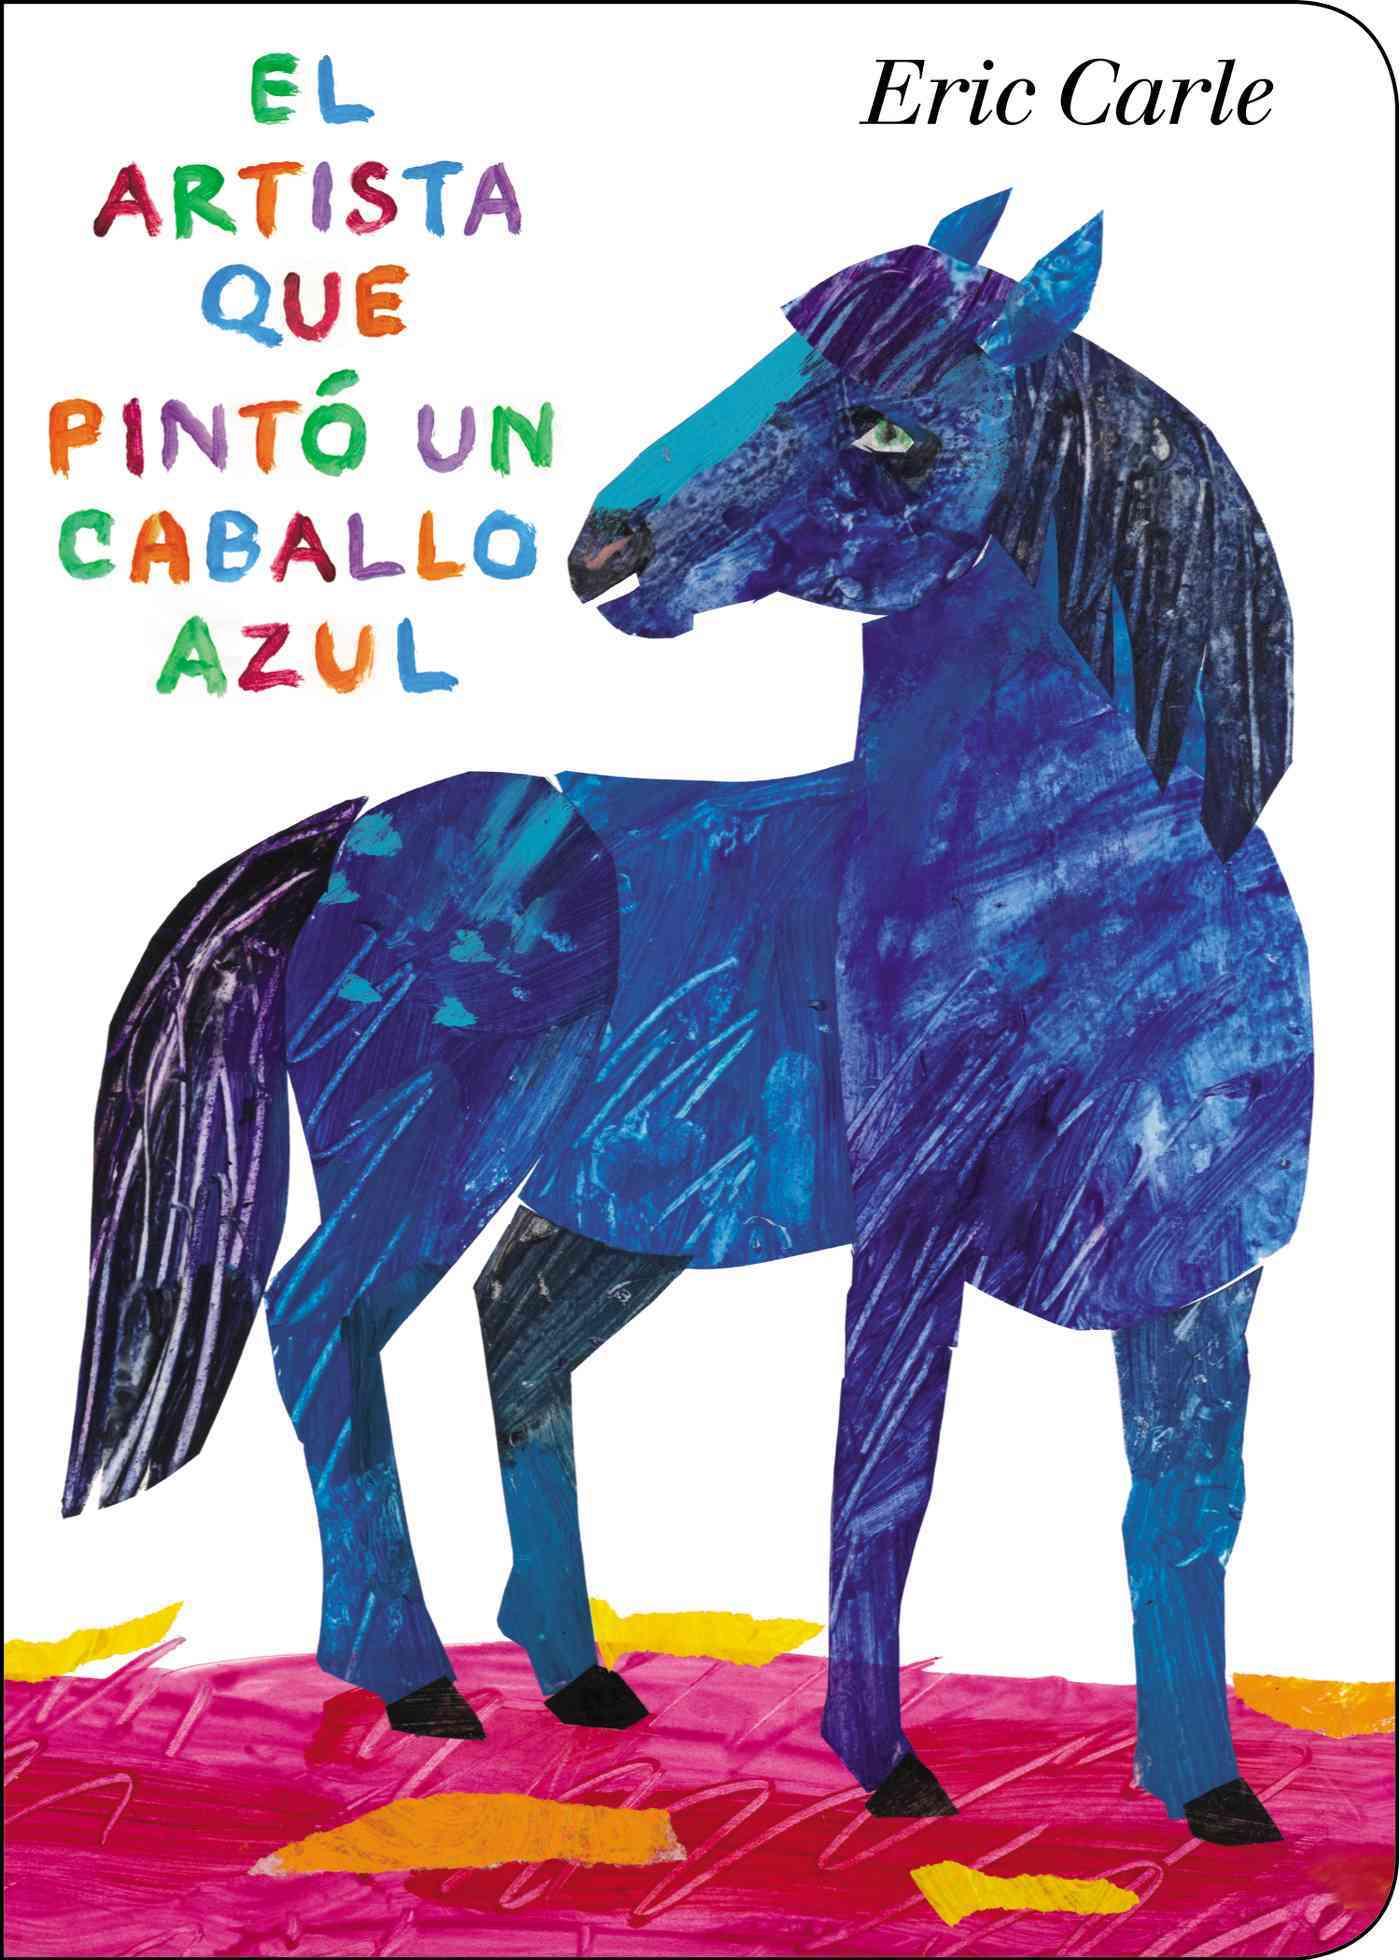 El Artista Que Pinto un Caballo Azul / The Artist Who Painted a Blue Horse By Carle, Eric/ Carle, Eric (ILT)